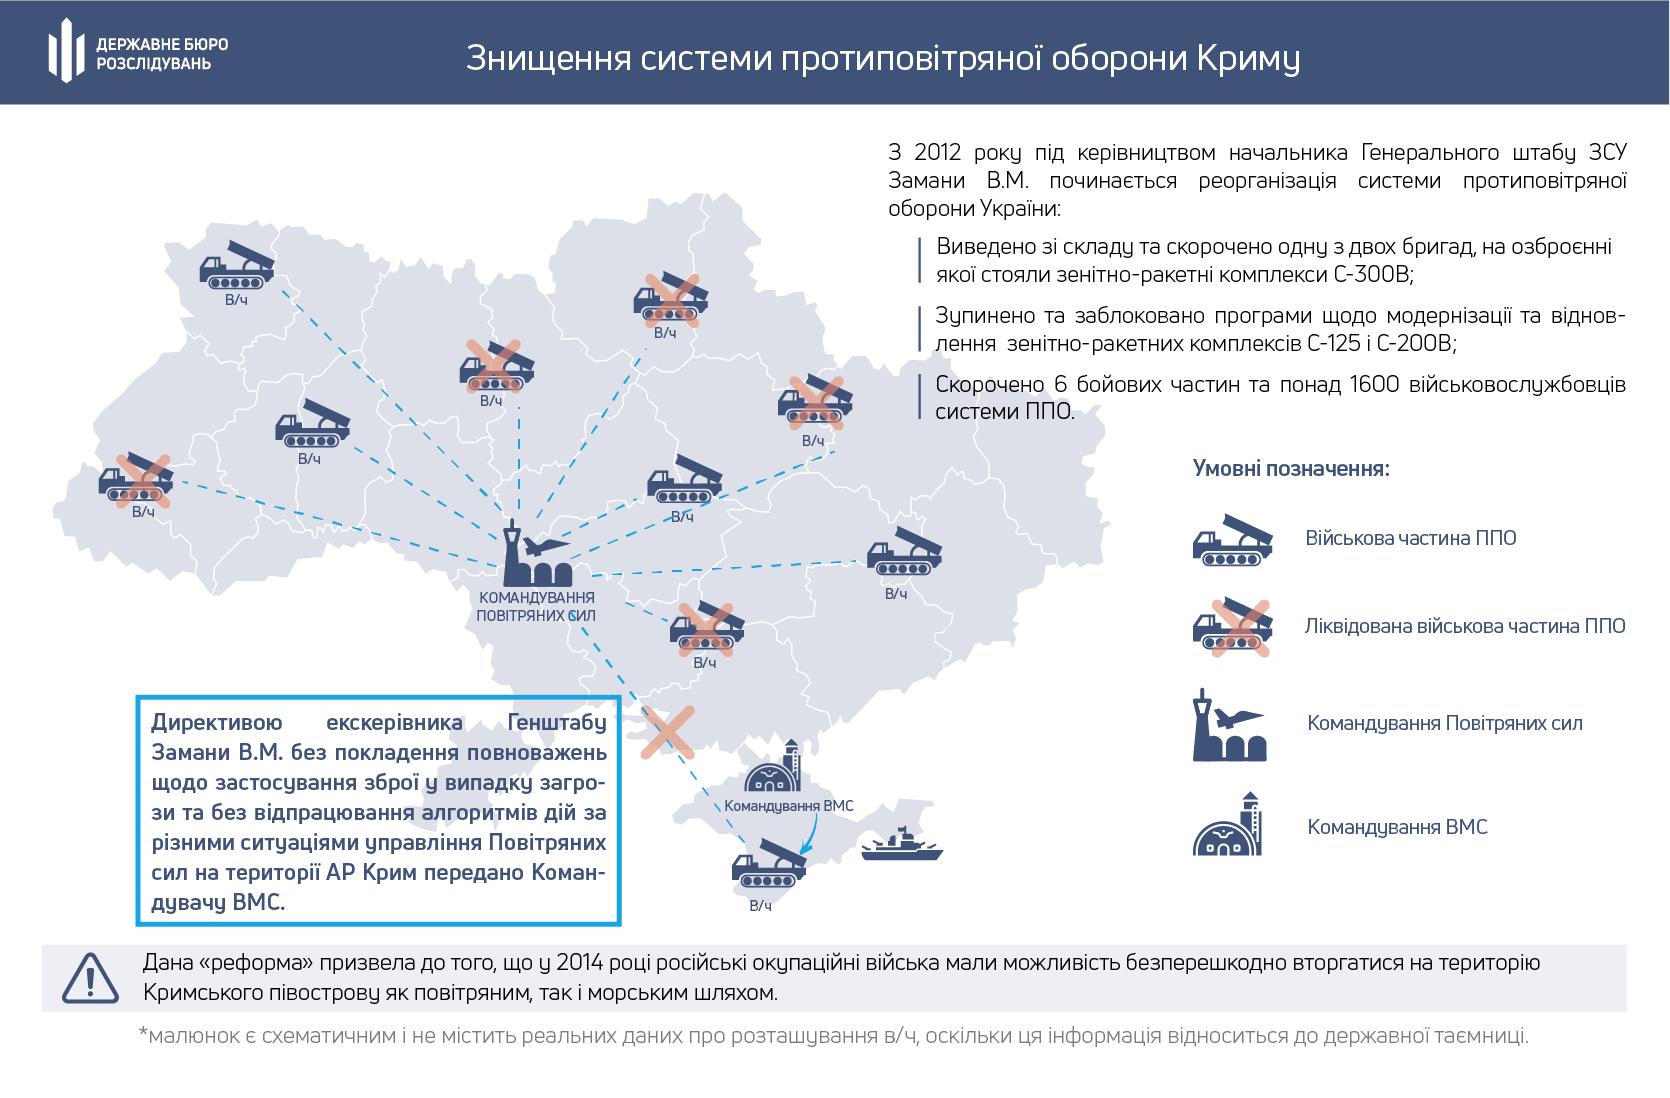 ГБР назвало причины оккупации Россией Крыма и части Донбасса – инфографика и видео